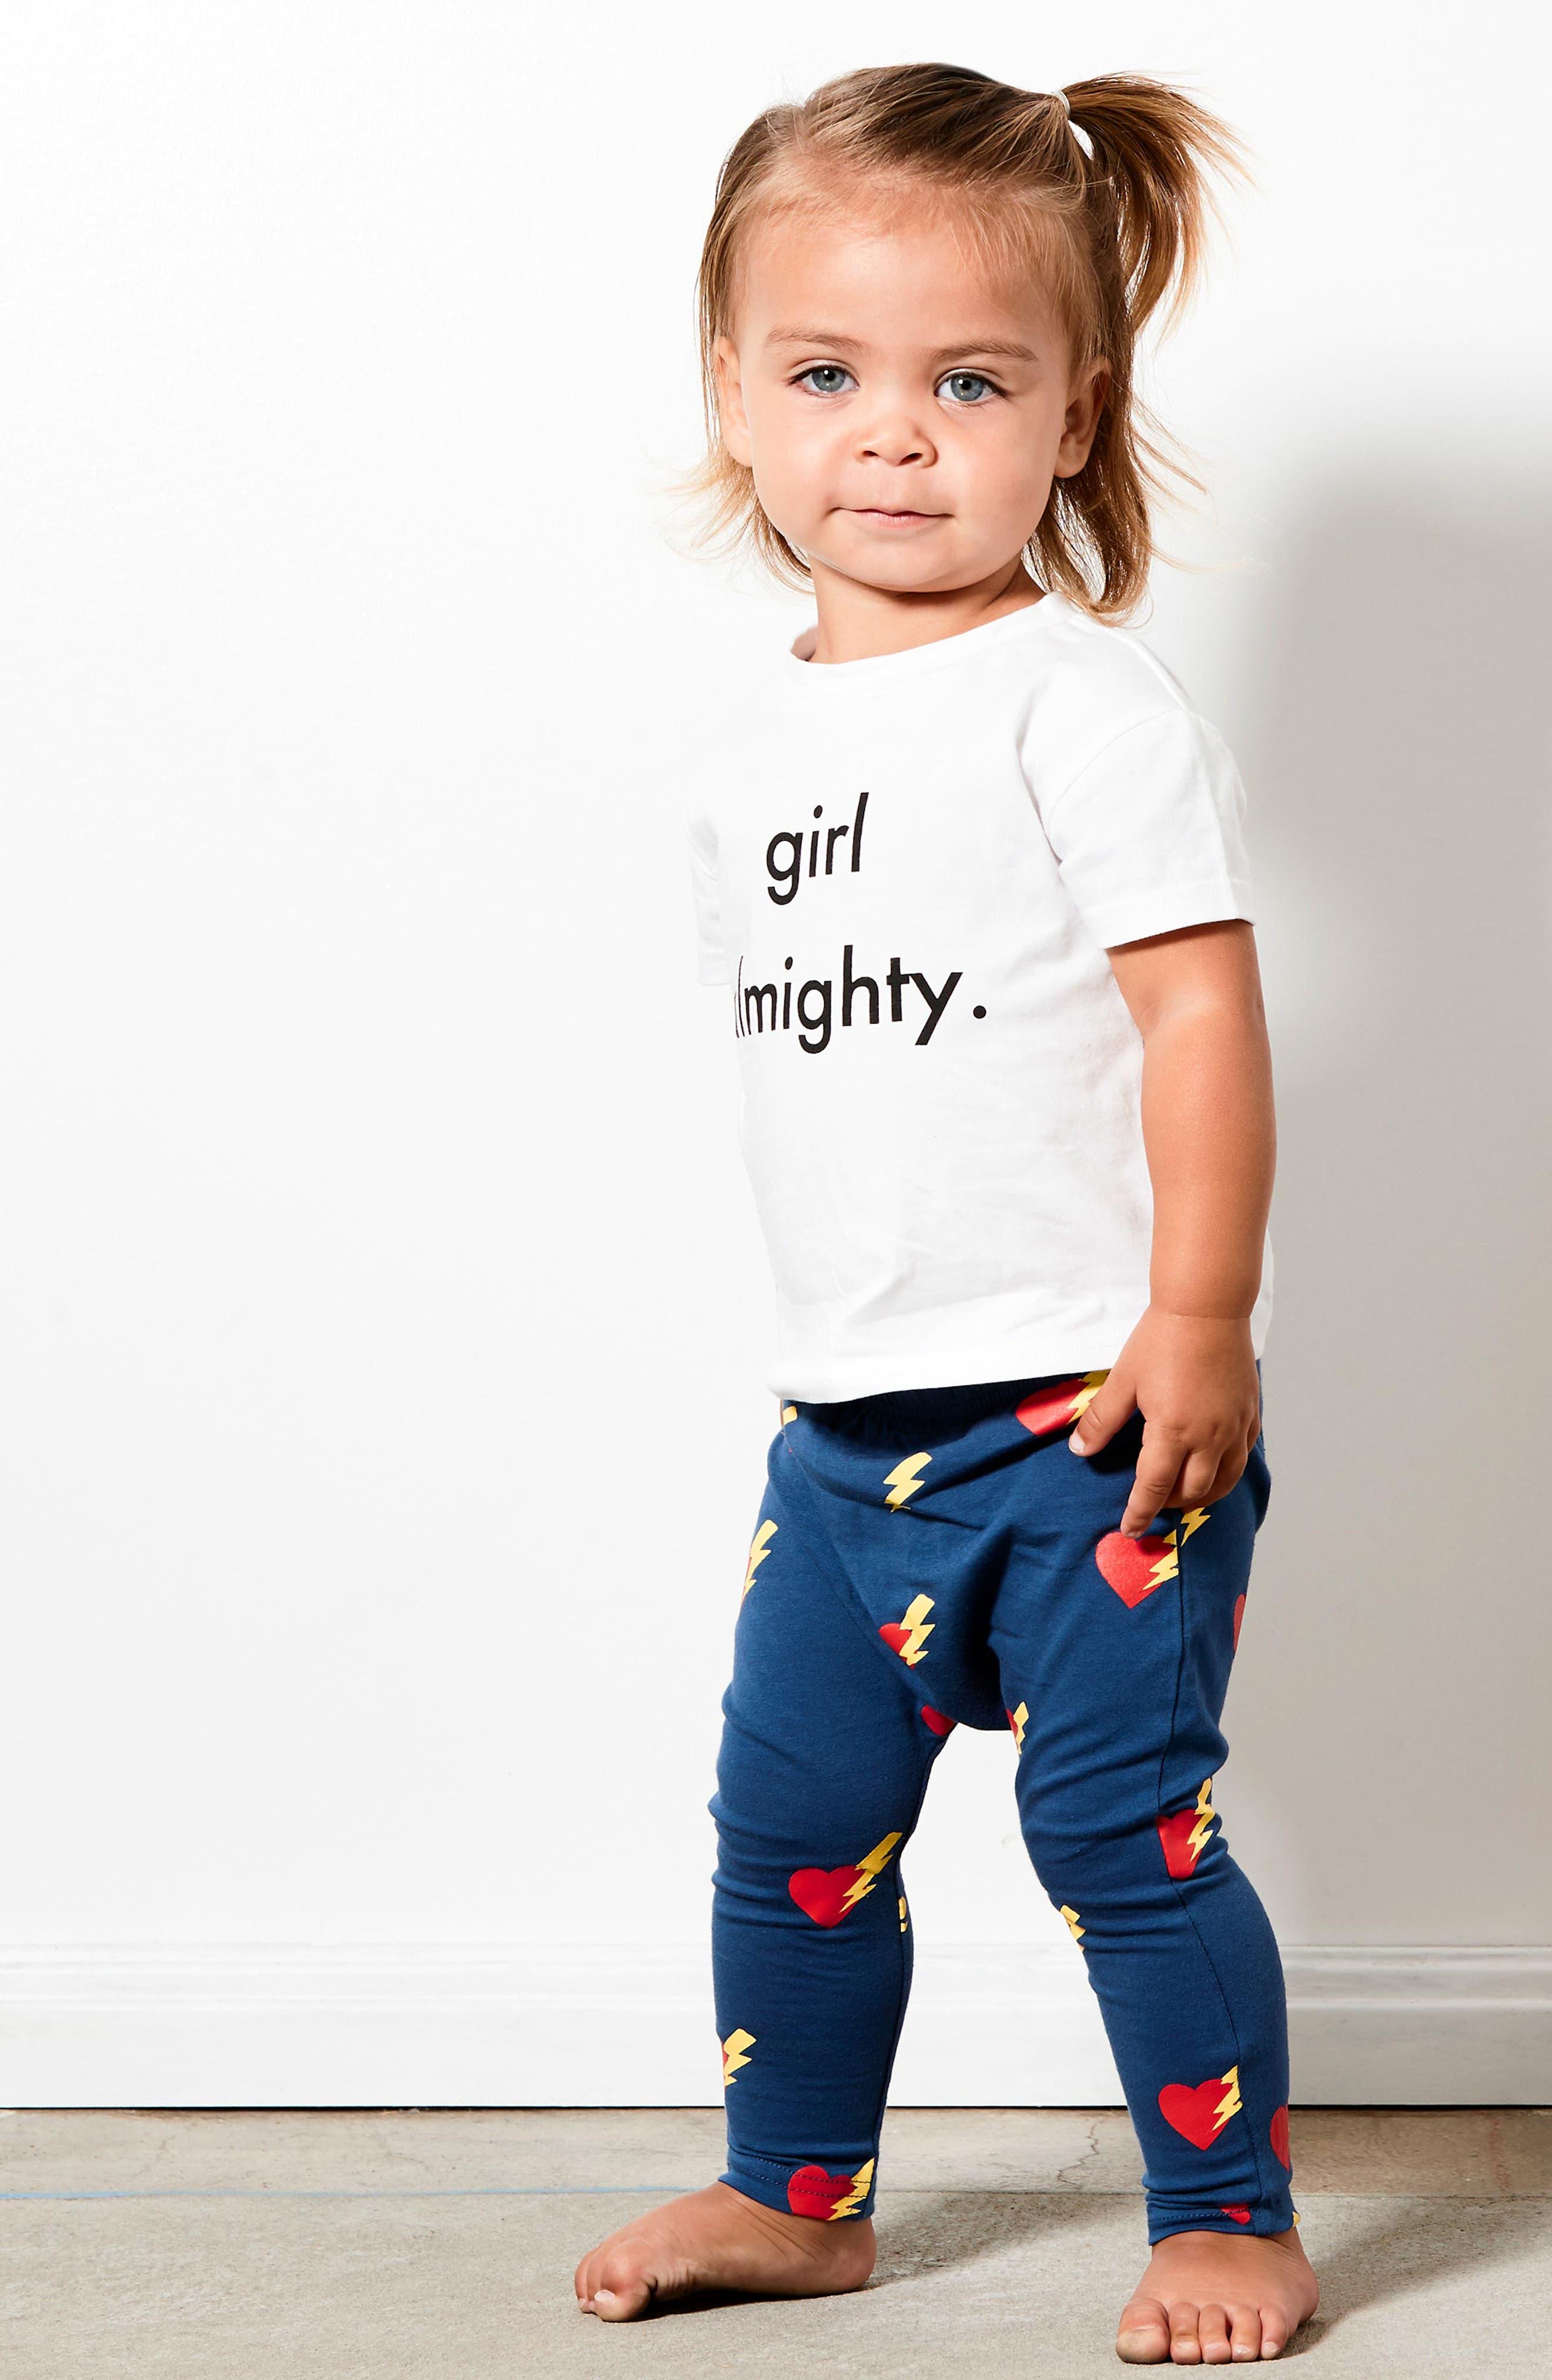 Girls Almighty Tee & Leggings Set,                             Alternate thumbnail 3, color,                             White/ Navy